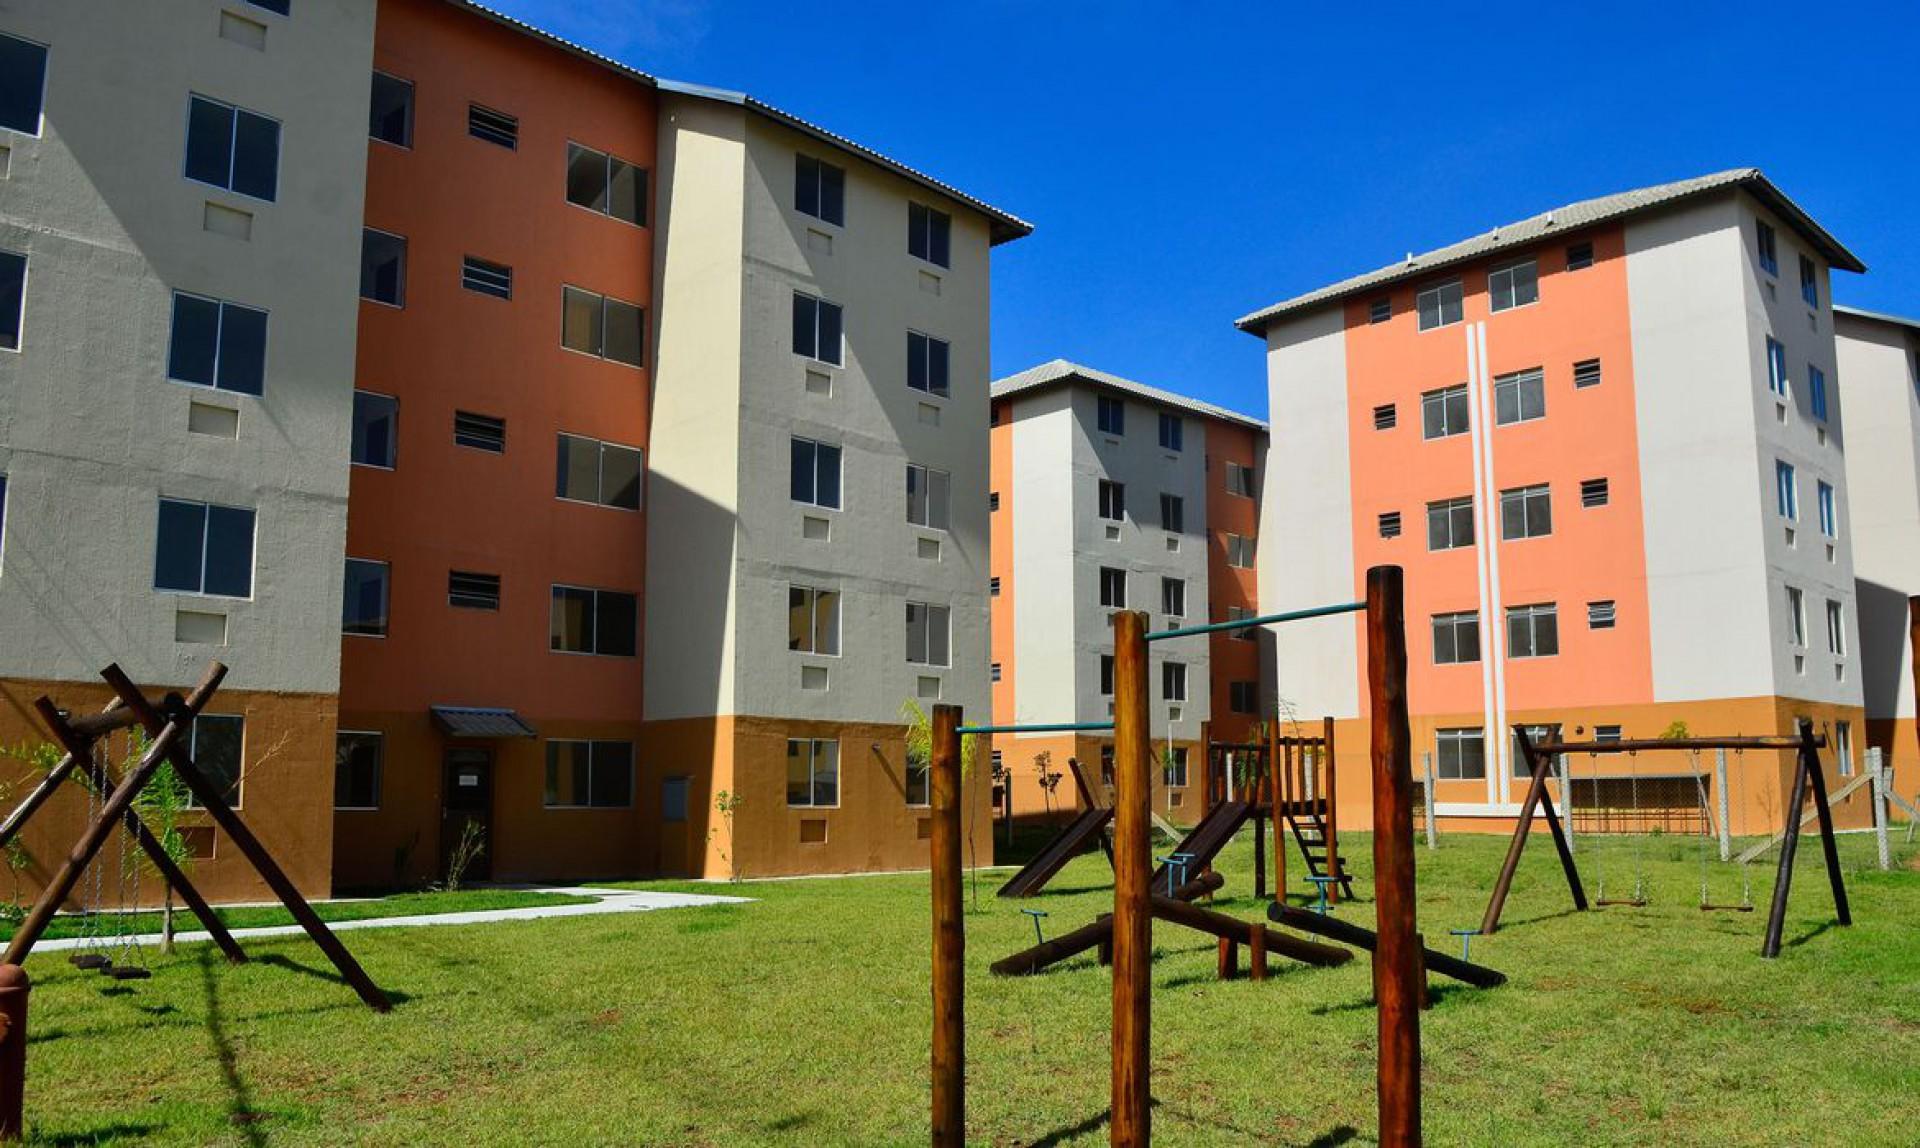 2020 TEVE queda considerável de entrega de unidades do habitacionais (Foto: Tomaz Silva/Agência Brasil)